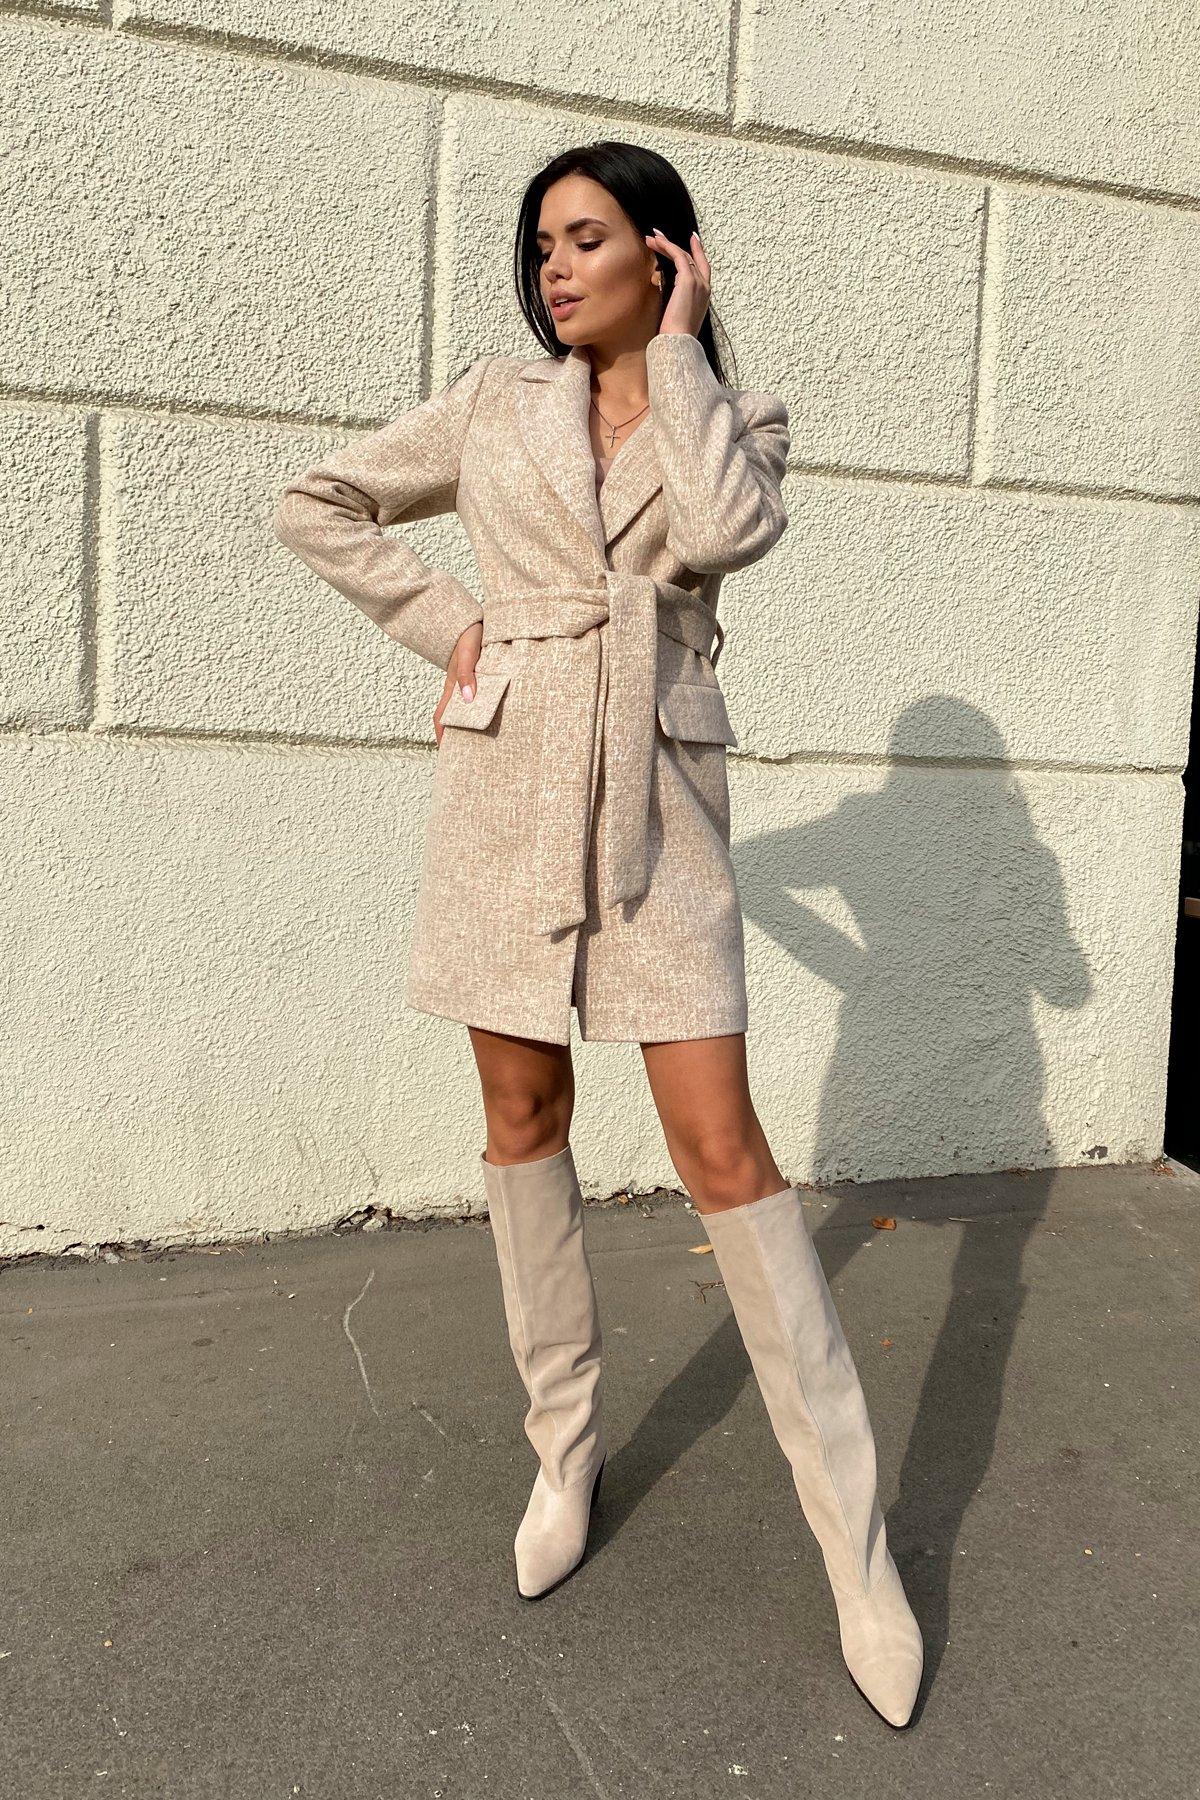 Корси кашемир меланж на трикотаже текстурный пальто 9878 АРТ. 46165 Цвет: Бежевый/молоко - фото 5, интернет магазин tm-modus.ru